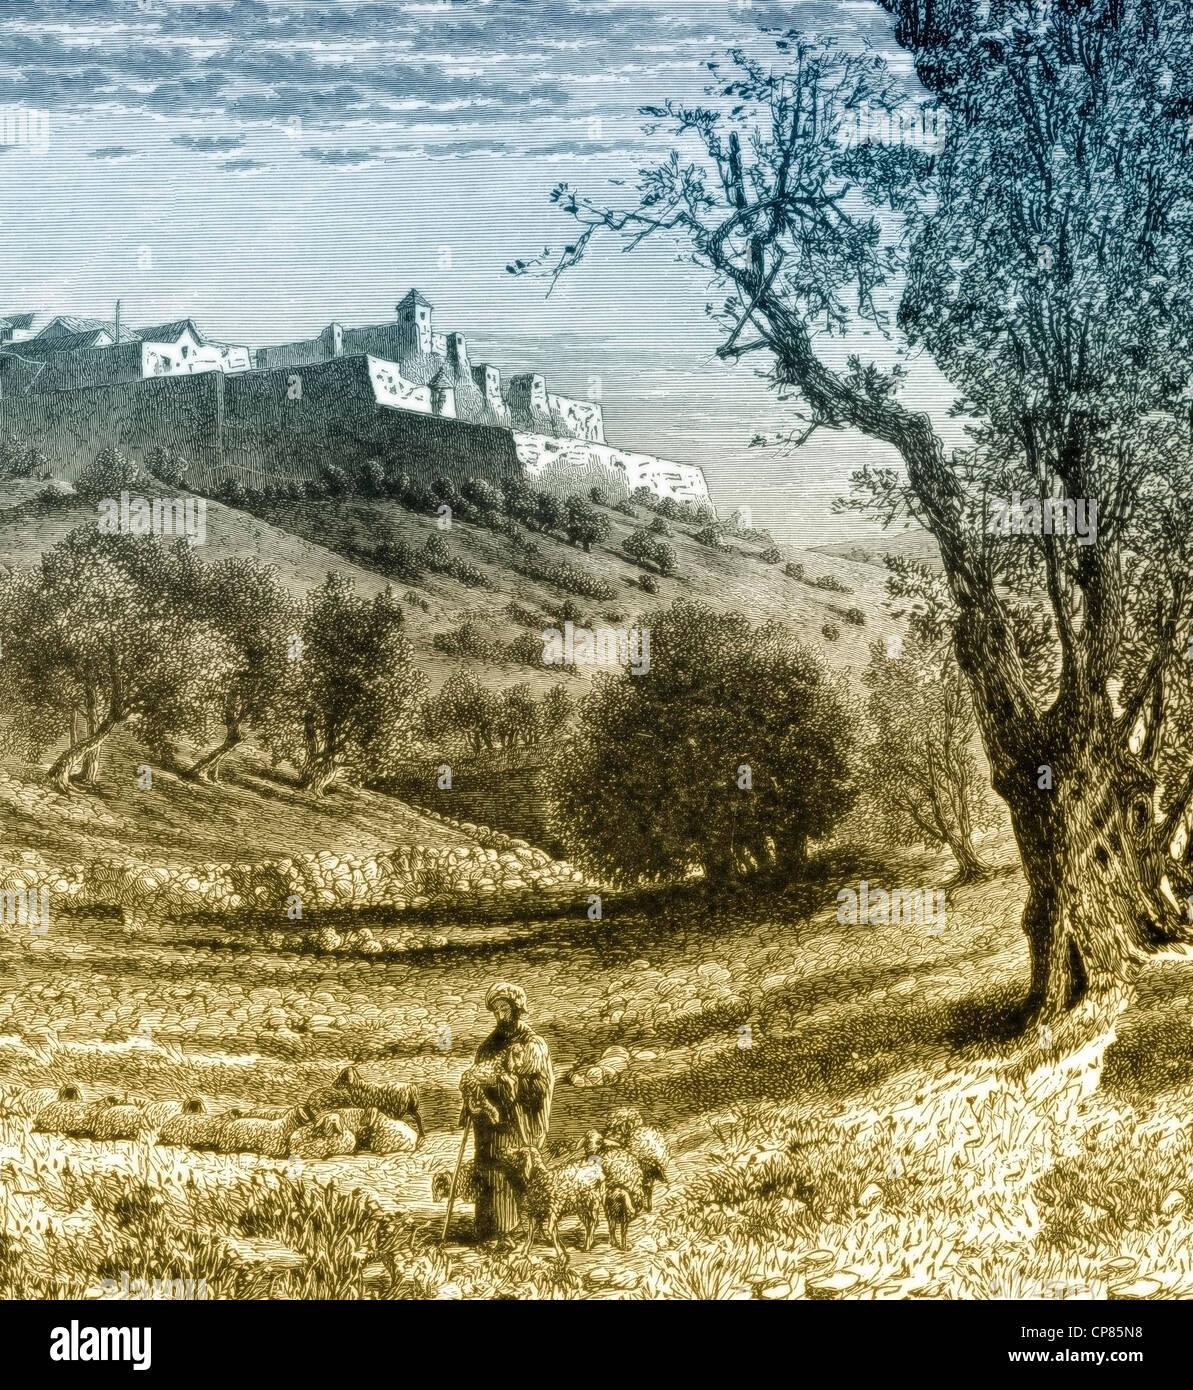 Paesaggio di Betlemme West Bank lautonomia palestinese area incisione storica del XIX secolo